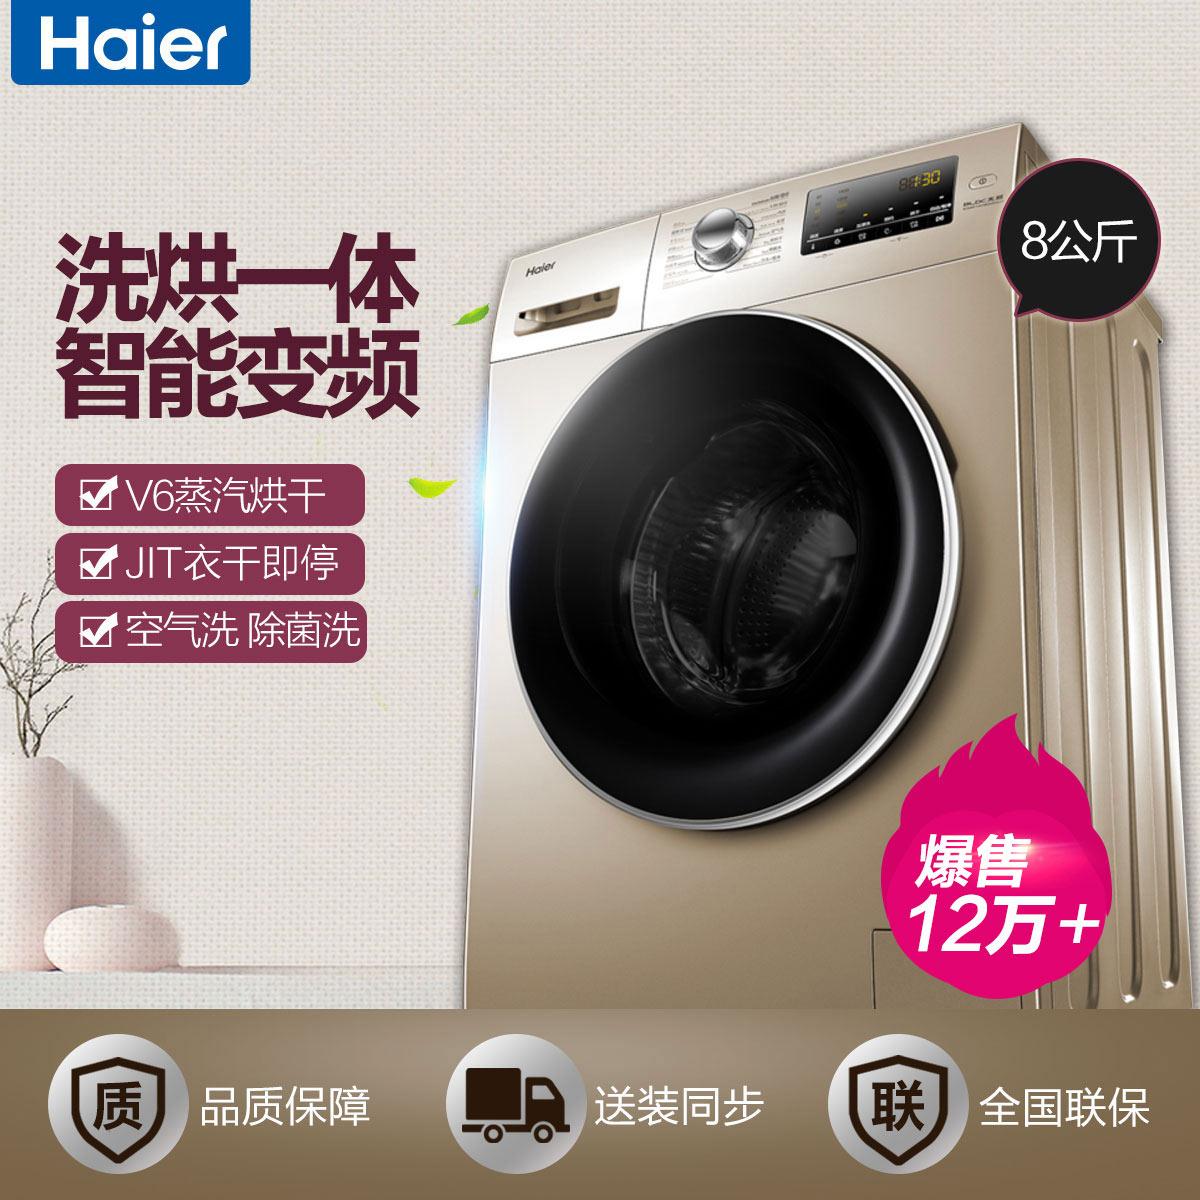 Haier/海尔 洗烘一体 EG8014HB39GU1 8公斤变频全自动洗烘一体滚筒洗衣机